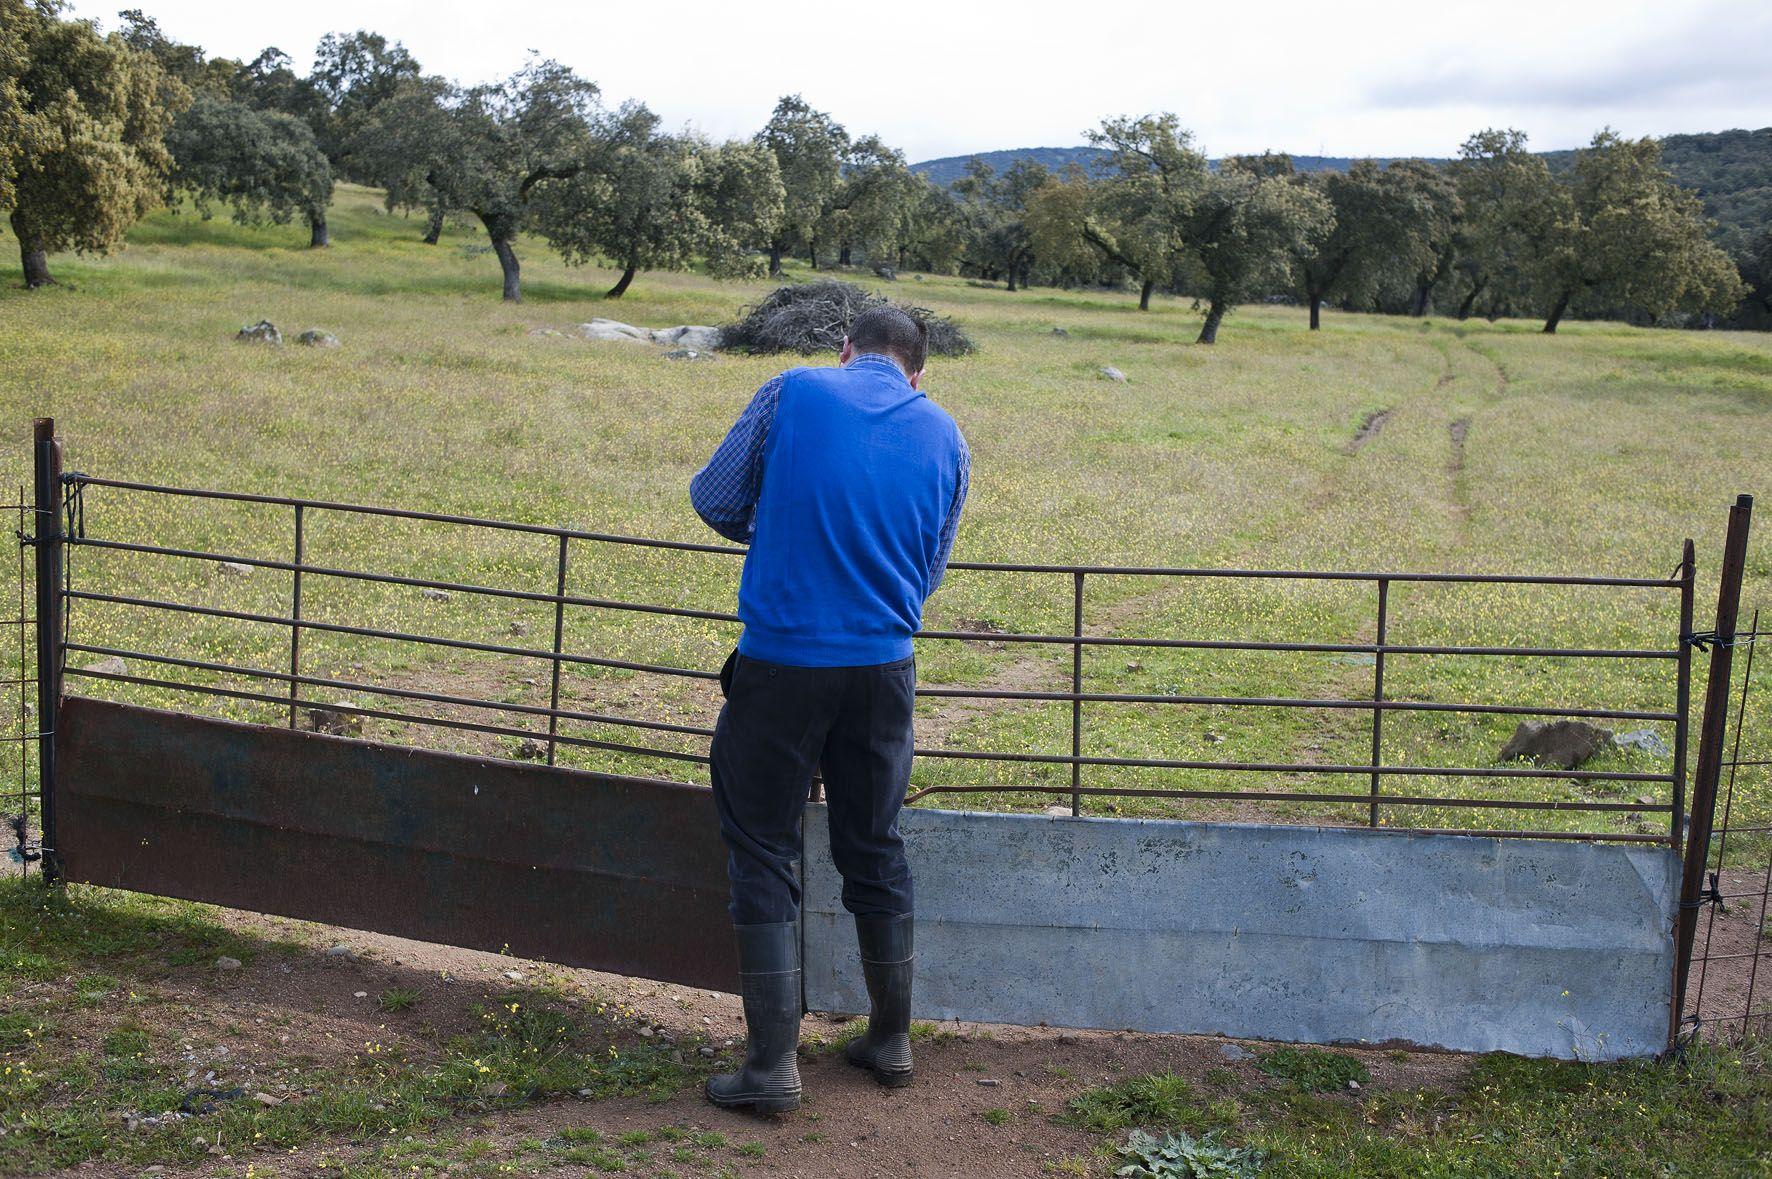 Las puertas de la dehesa Ruta del jamón ibérico dehesa de Extremadura